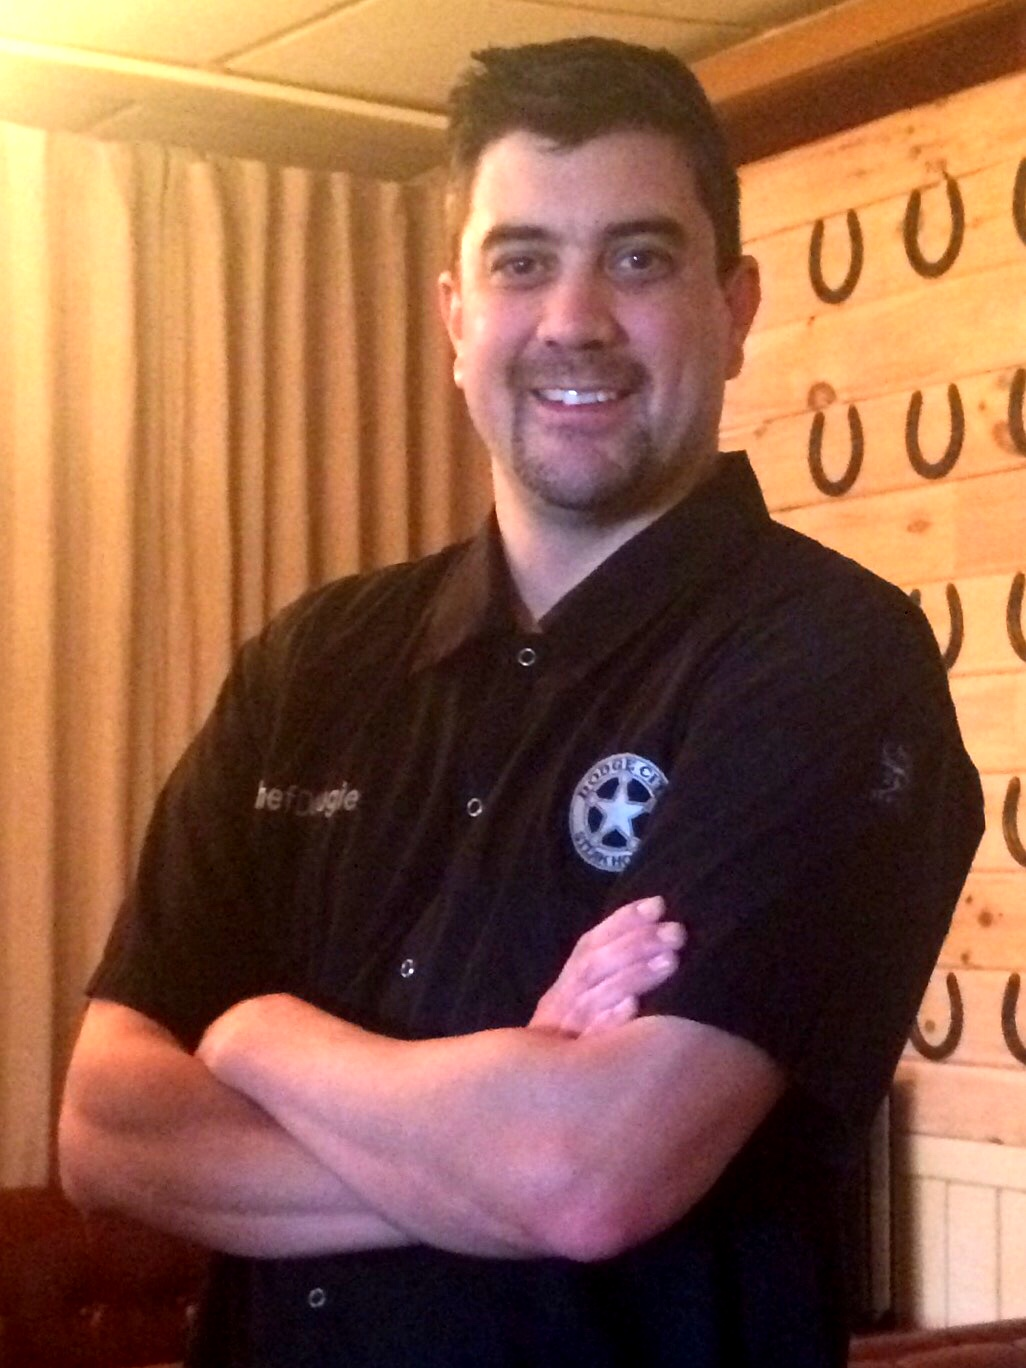 Chef Doug Krick